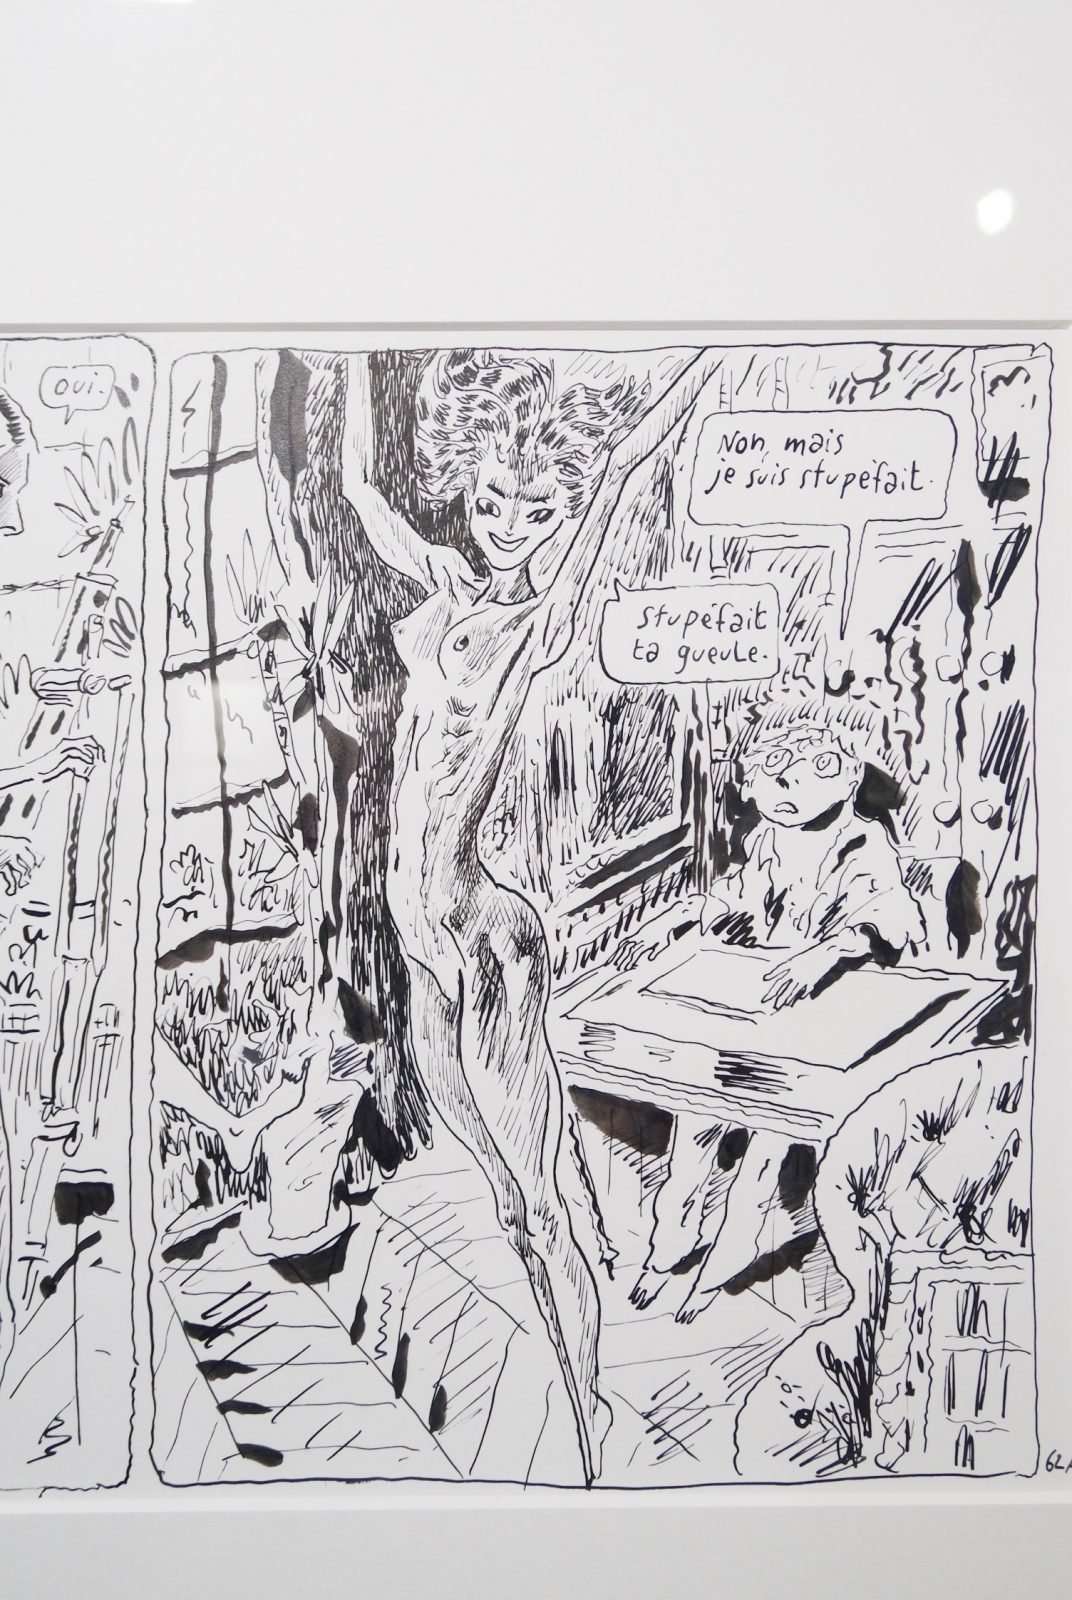 Stupéfait-Joann-Sfar-dessin-original-exposition-une-seconde-avant-l-éveil-fin-de-parenthèse-Espace-Dali-Paris-Montmartre